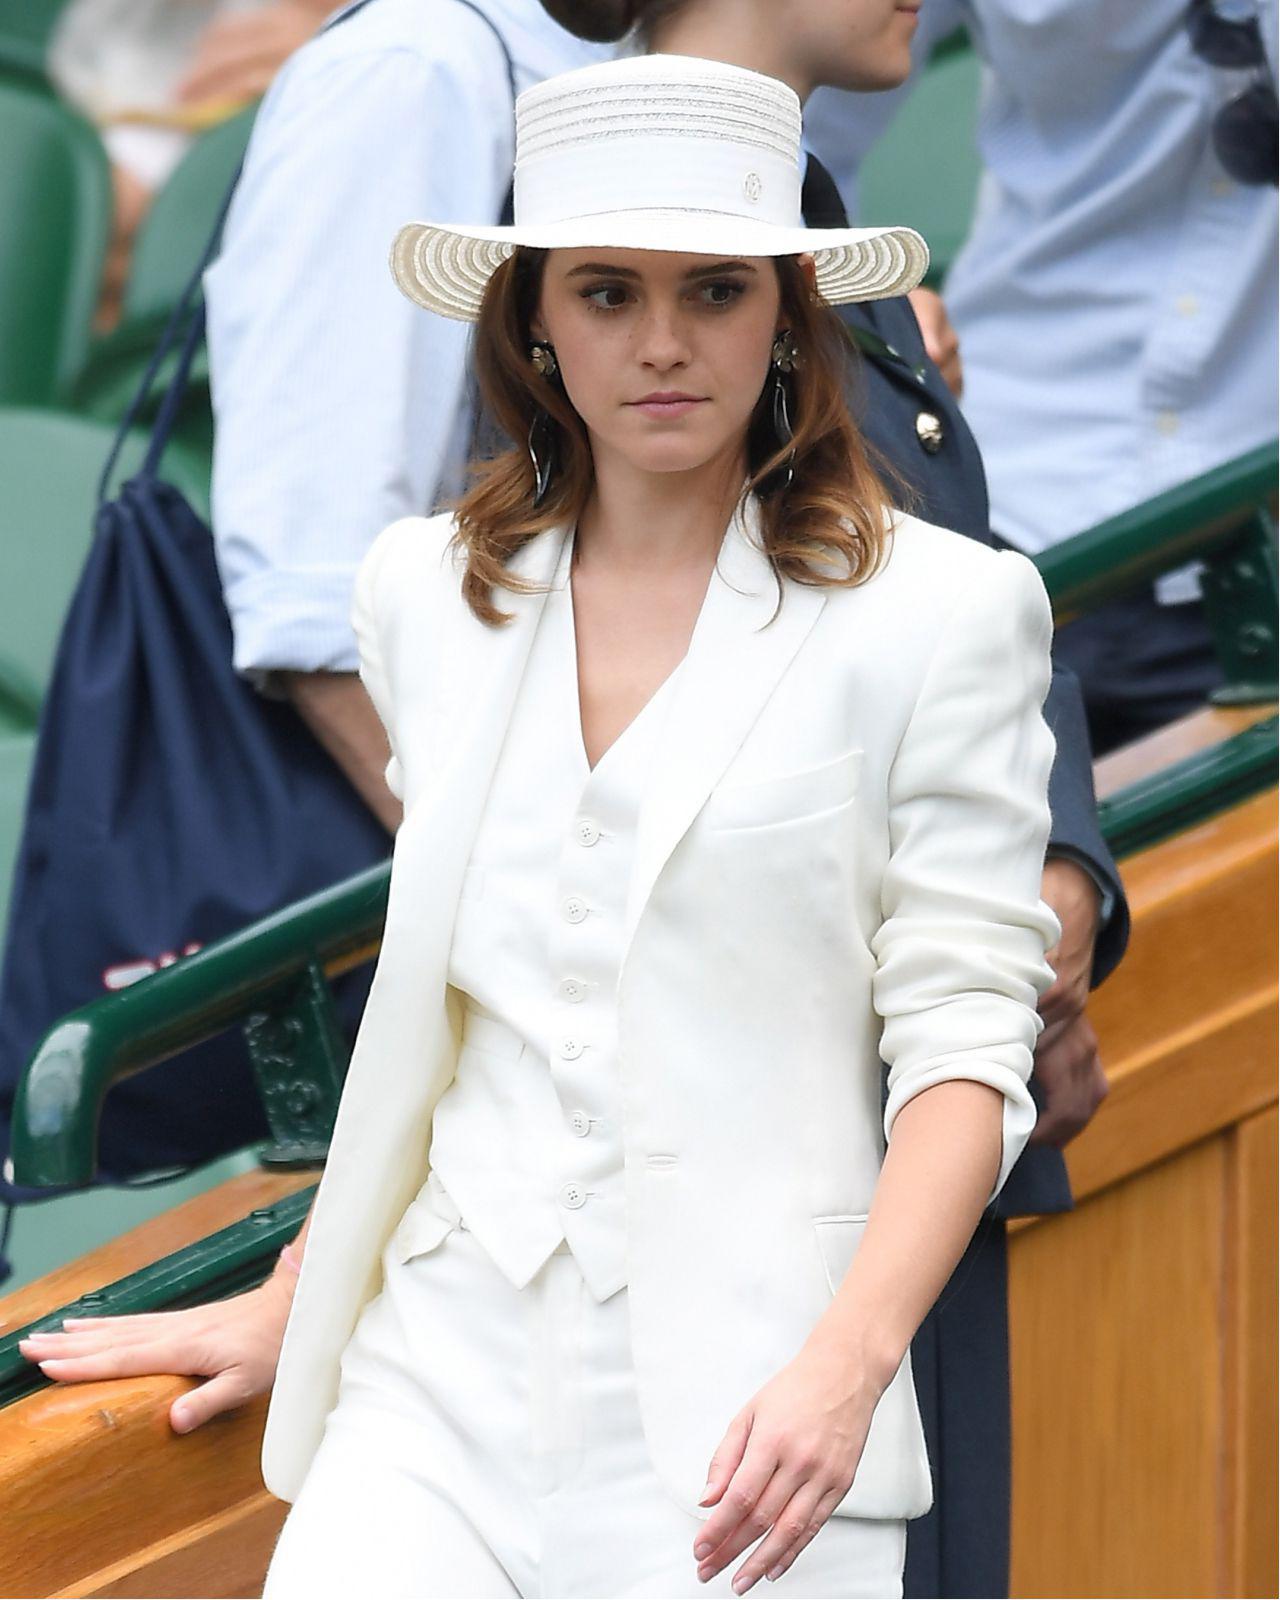 Emma Watson. Photo Source: Harpers Bazaar.